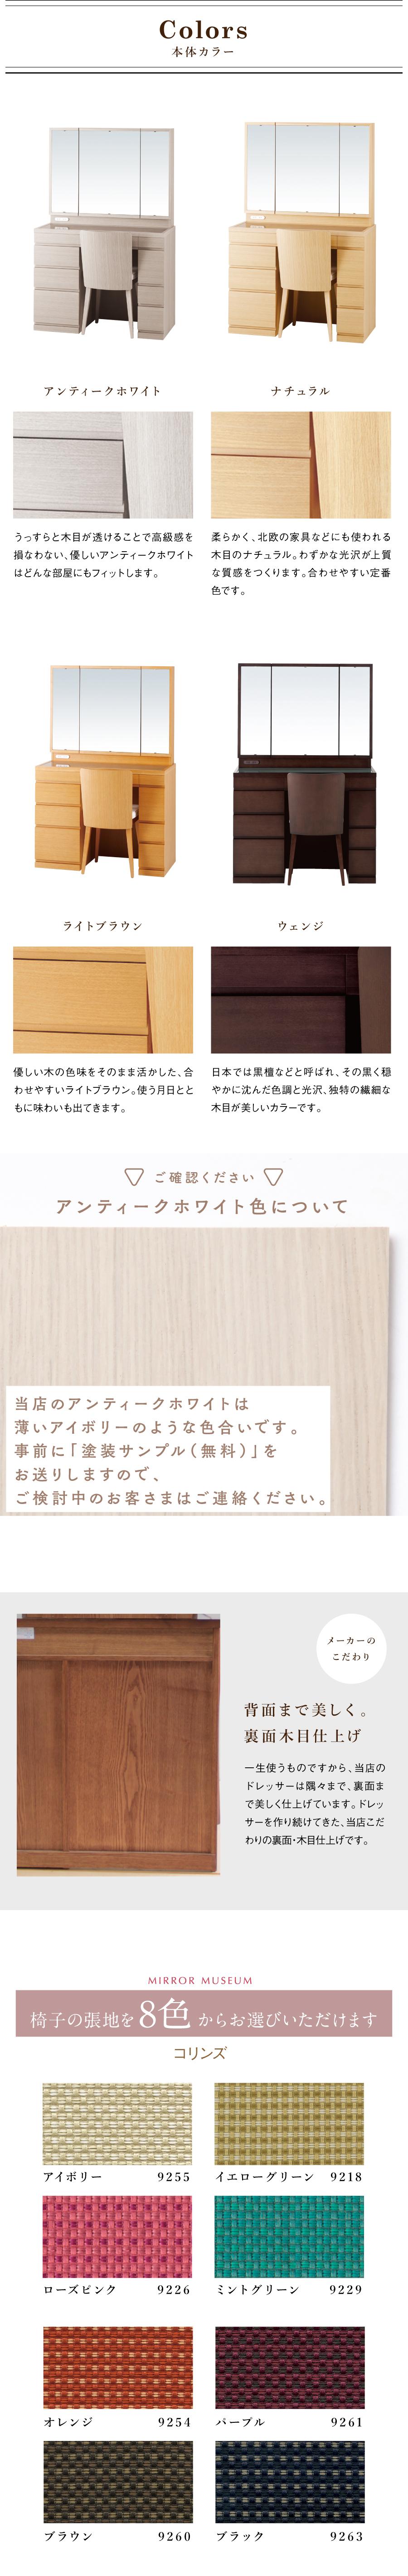 丸藤プレセディオ日本製ドレッサー